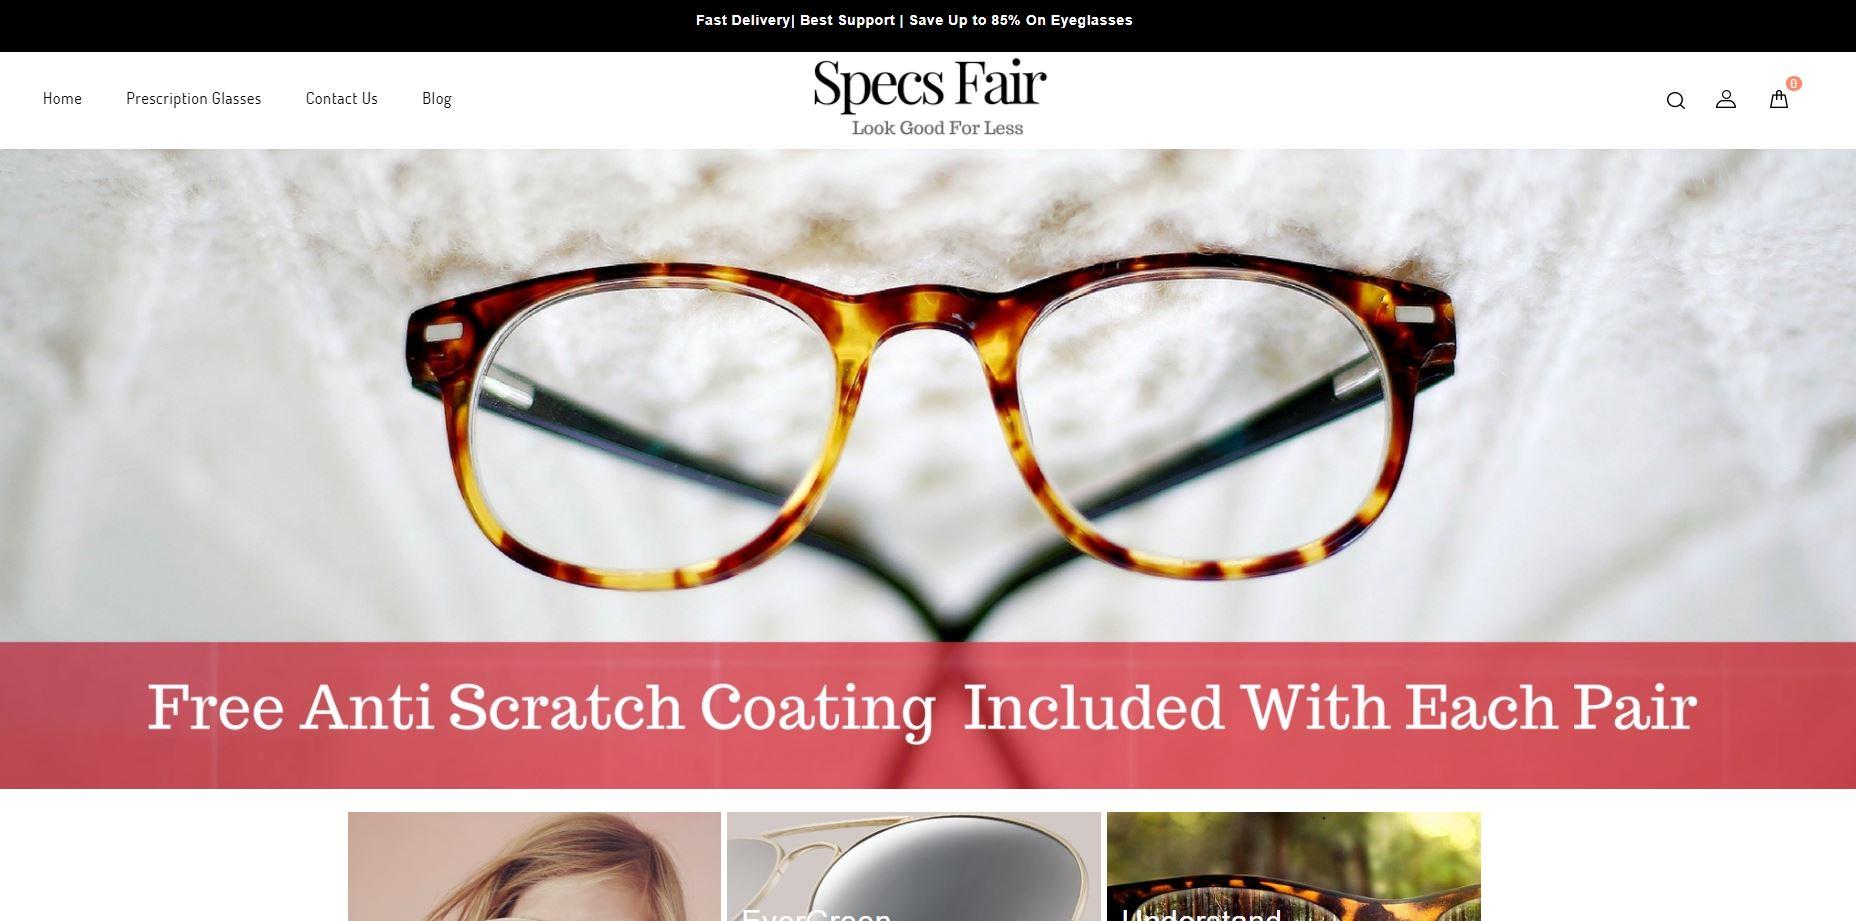 specsfair.com website